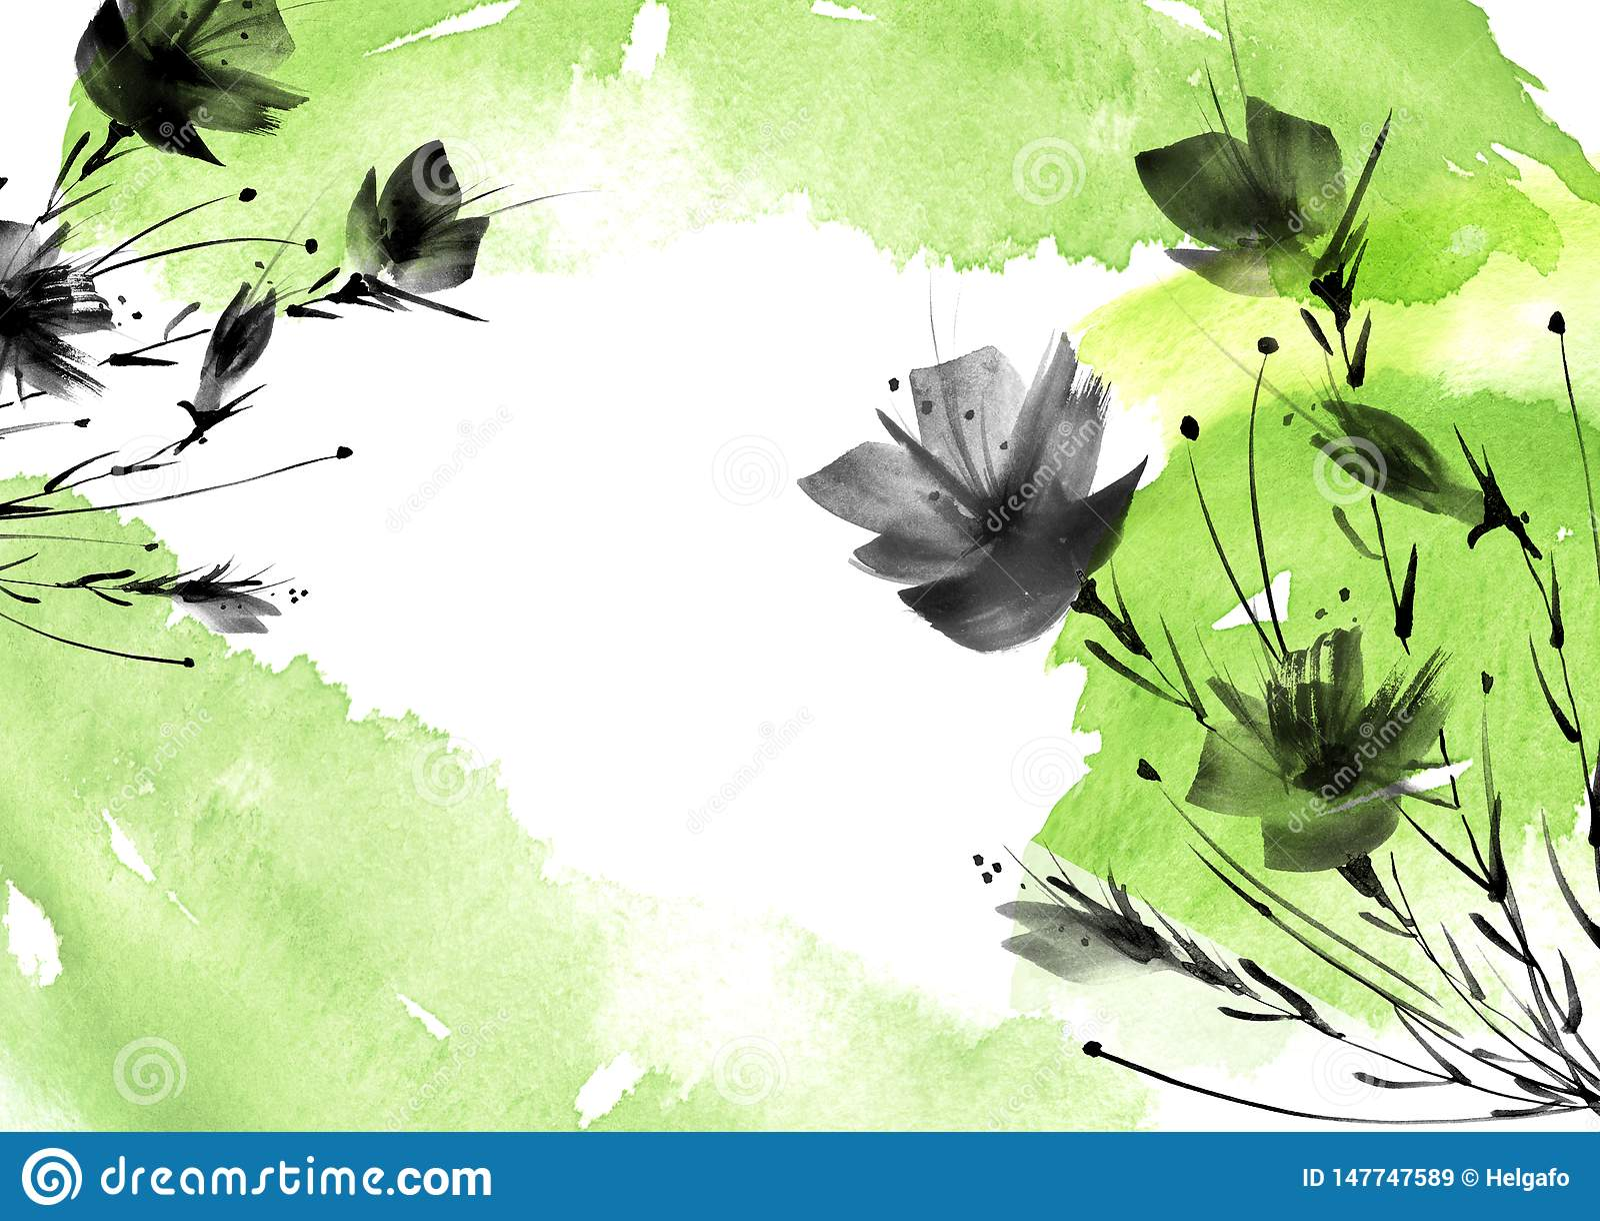 Ild花,领域,庭院-百合,剪影鸦片,玫瑰